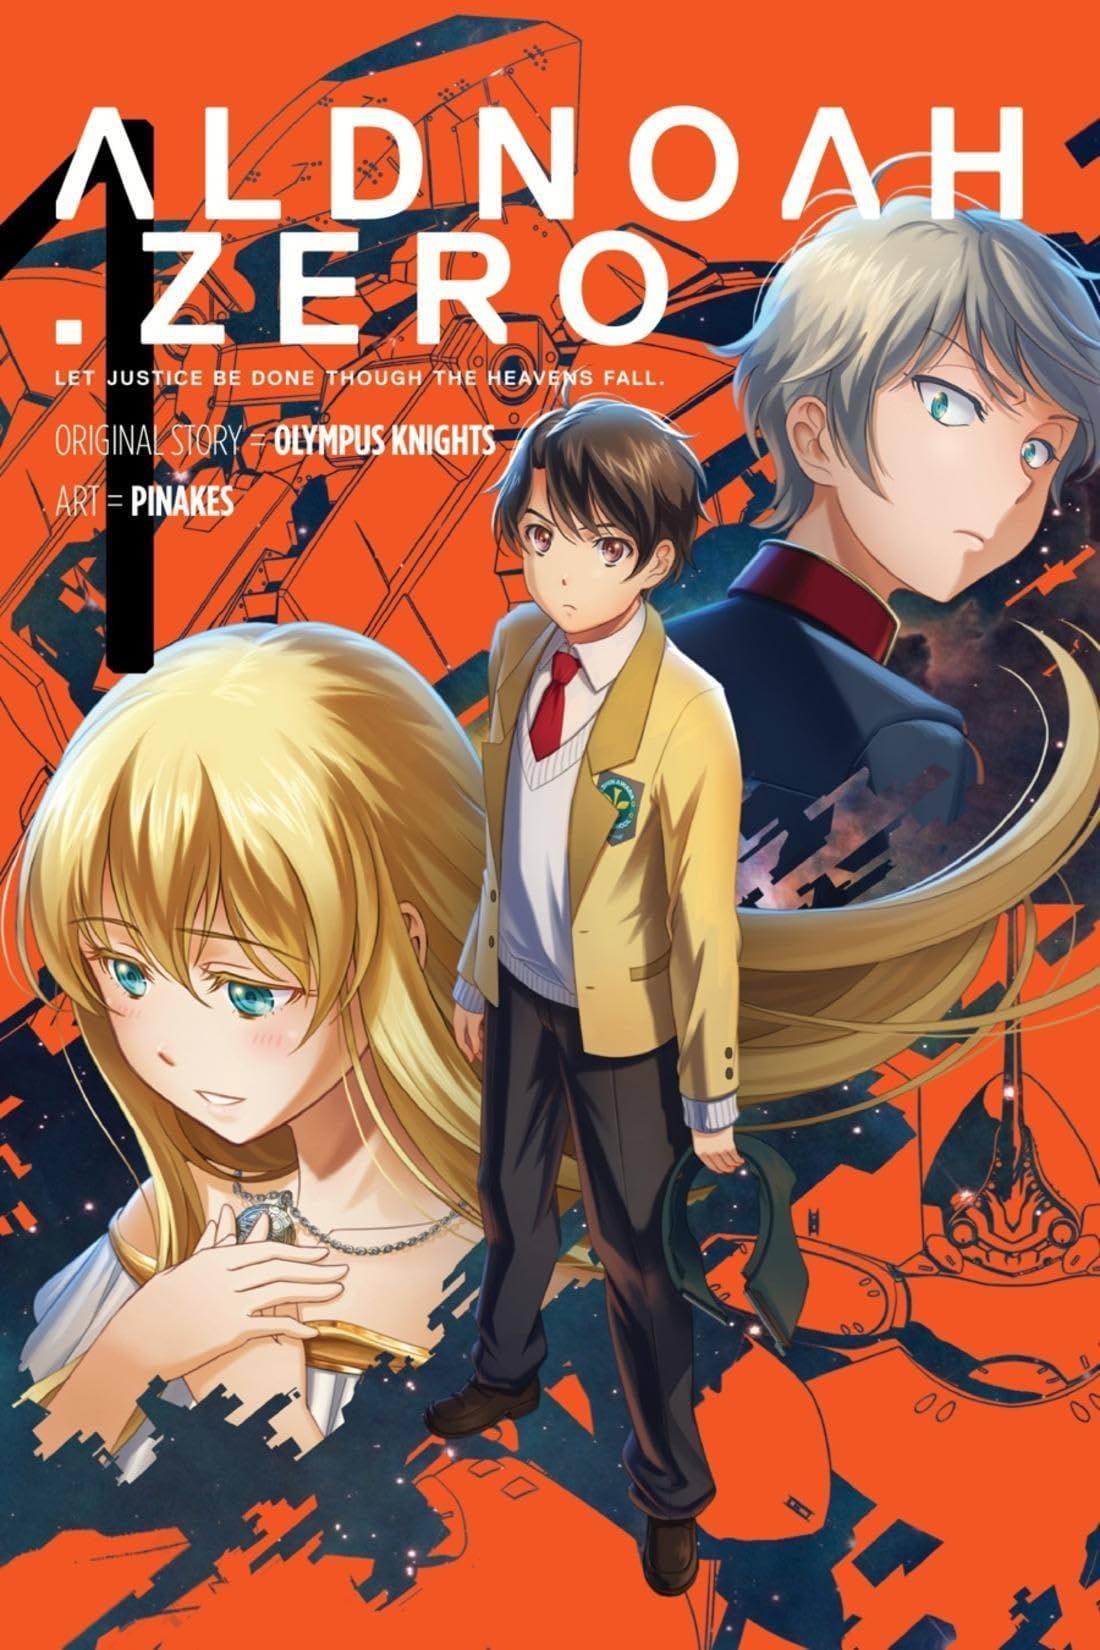 Aldnoah.Zero Season One Vol. 1